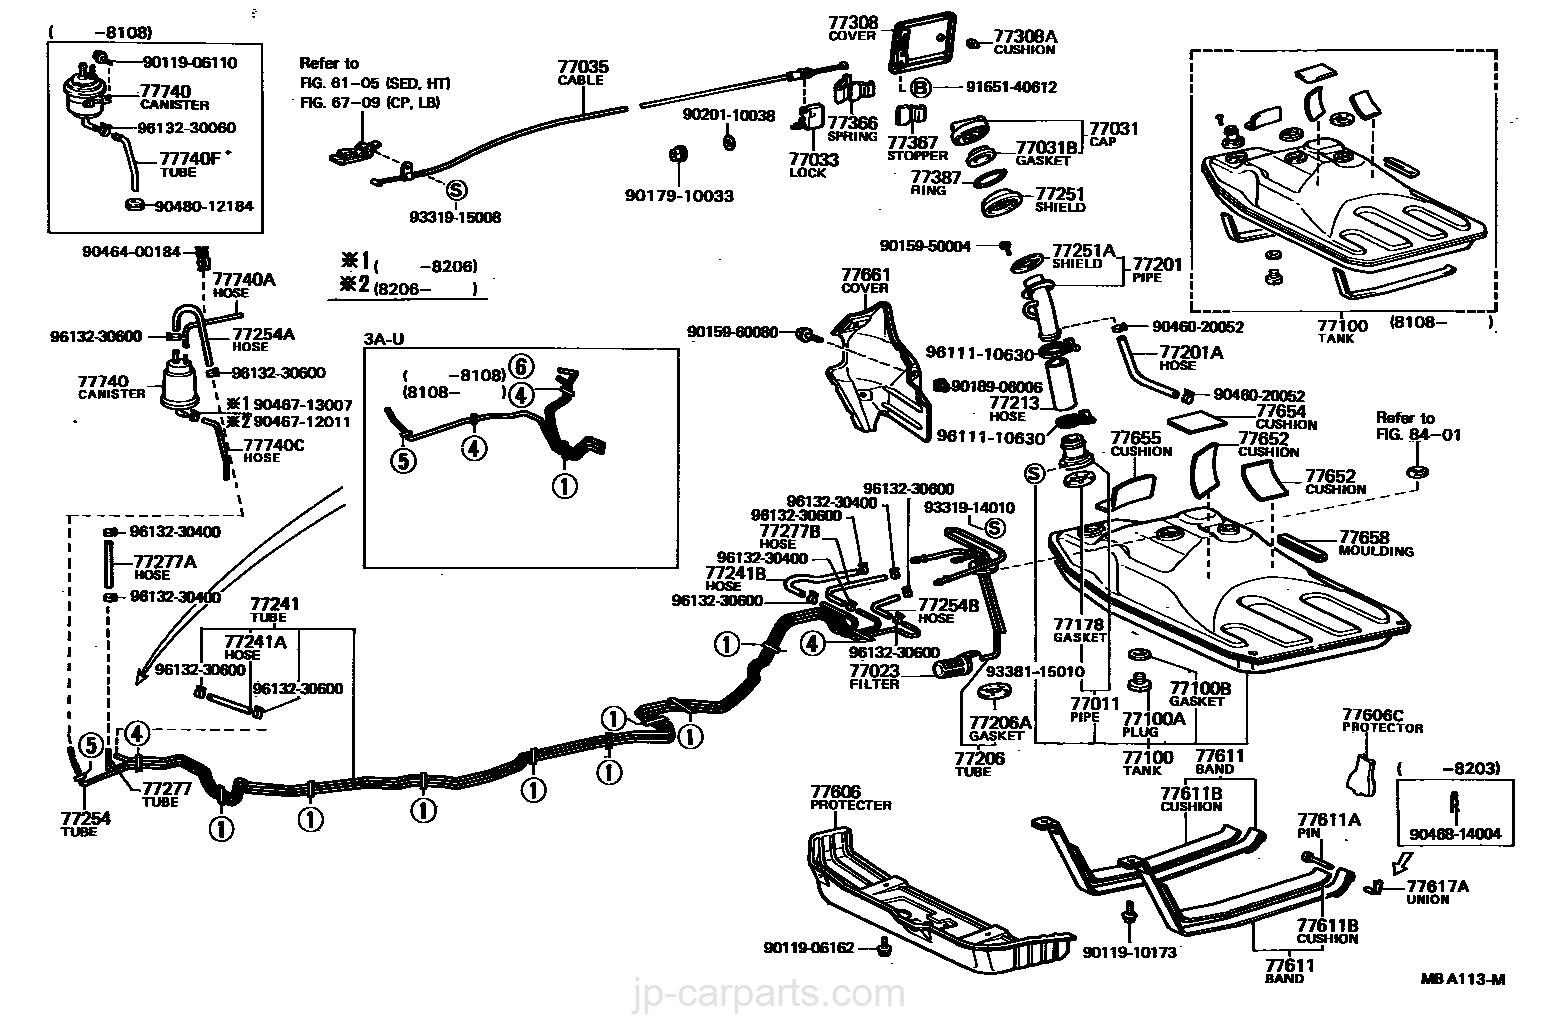 FUEL TANK & TUBE / toyota   part list JP-CarParts com